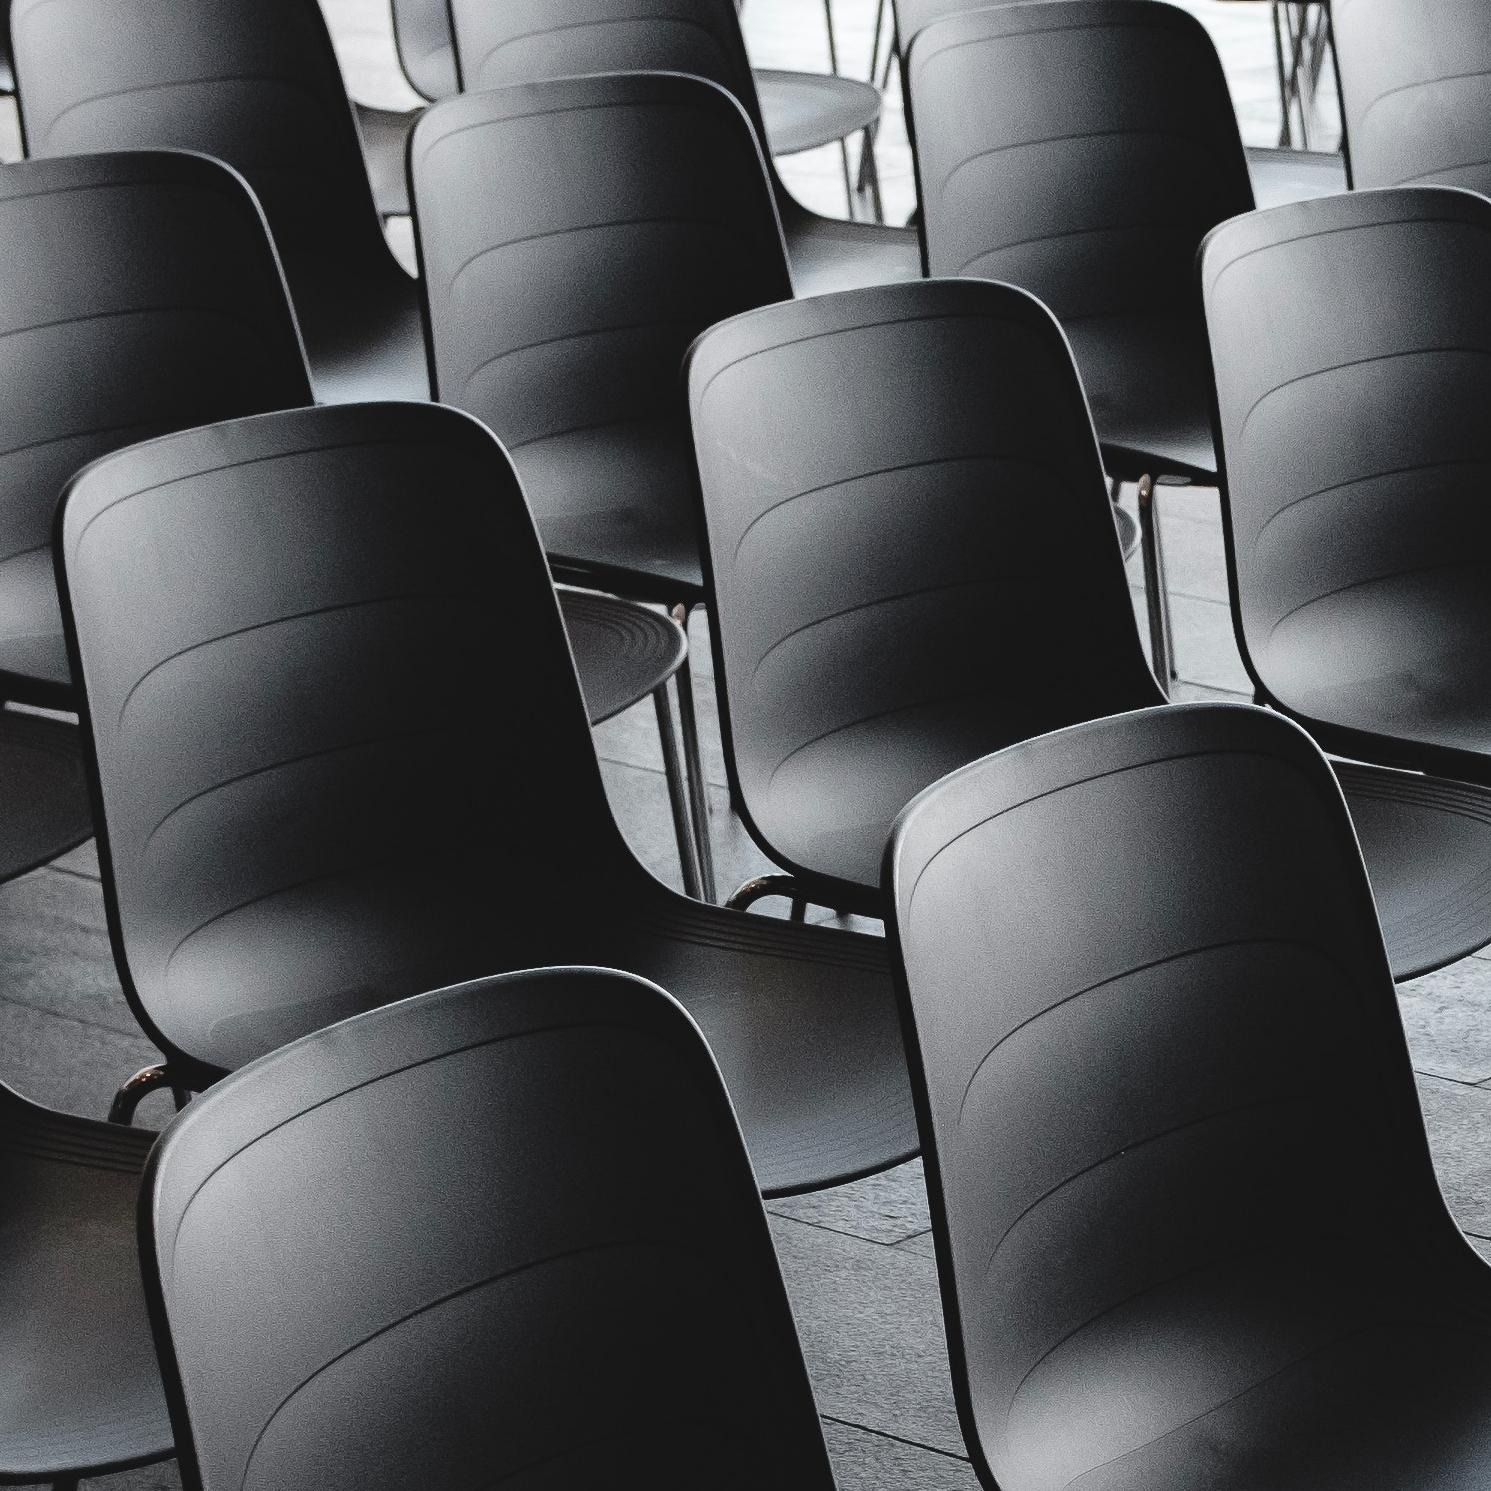 Capital Humano, Transformación, Formación y Coaching - Ofrecemos Formación, Coaching, comportamiento organizacional, mejora de competencias directivas y transformación tanto cultural enfocada desde área de RRHH como digital con orientación a nuevos modelos de negocio. Todo enfocado a lograr que los profesionales de tu empresa se alineen con la estrategia definida de manera natural y atractiva.Desarrollamos Estudios Salariales adhoc para las empresas que nos lo solicitan, así como Estudios de Remuneración por sector y posiciones.